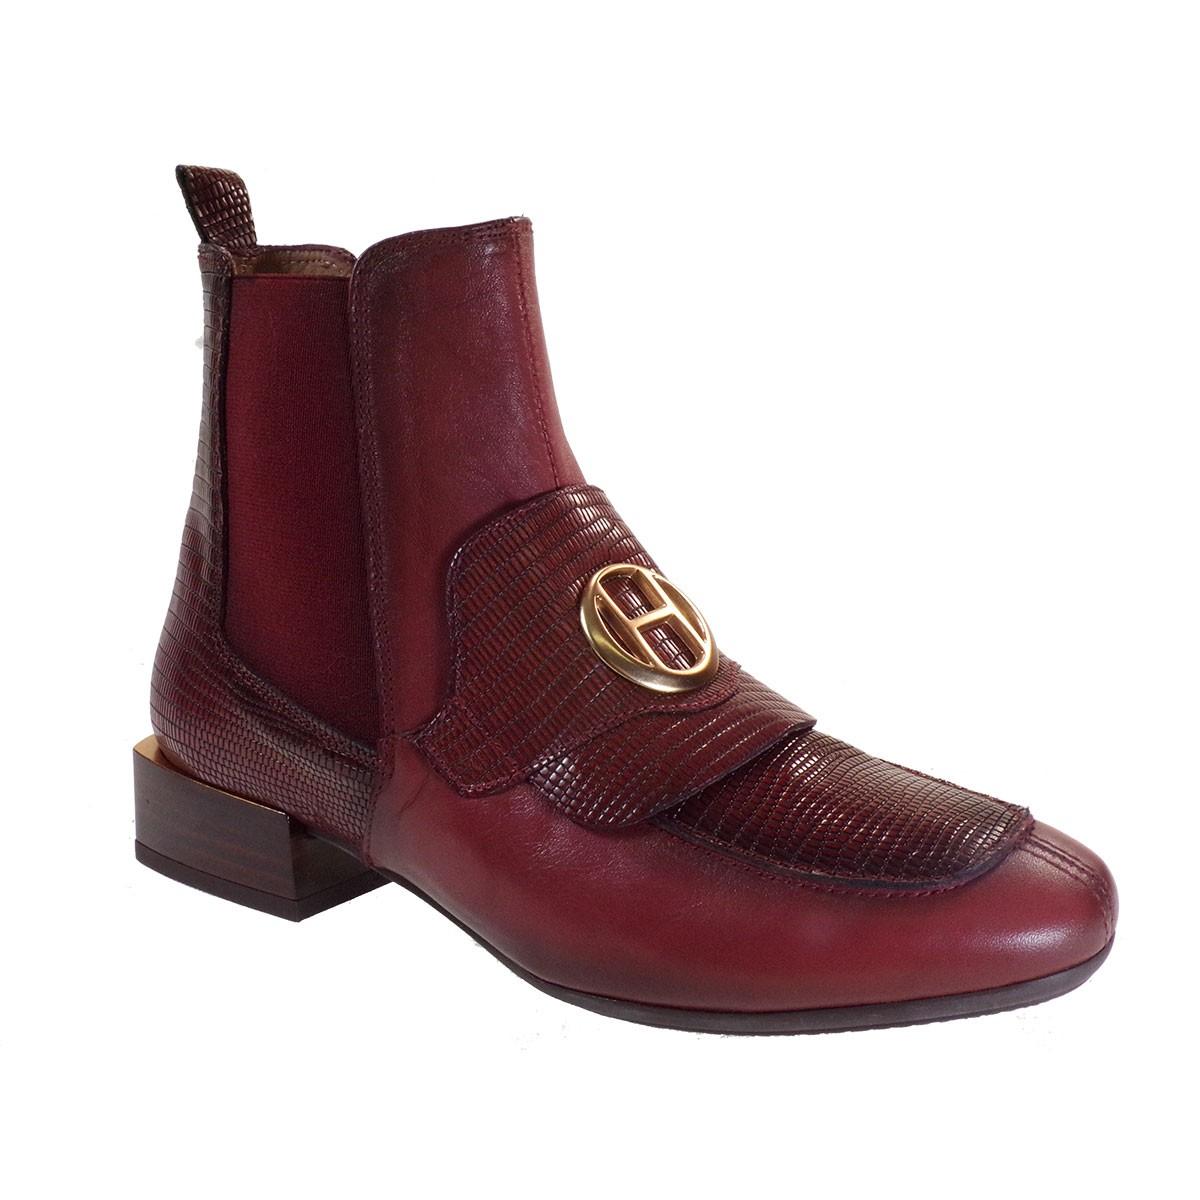 Hispanitas Γυναικεία Παπούτσια Mποτάκια HI00706 Μπορντώ Δέρμα